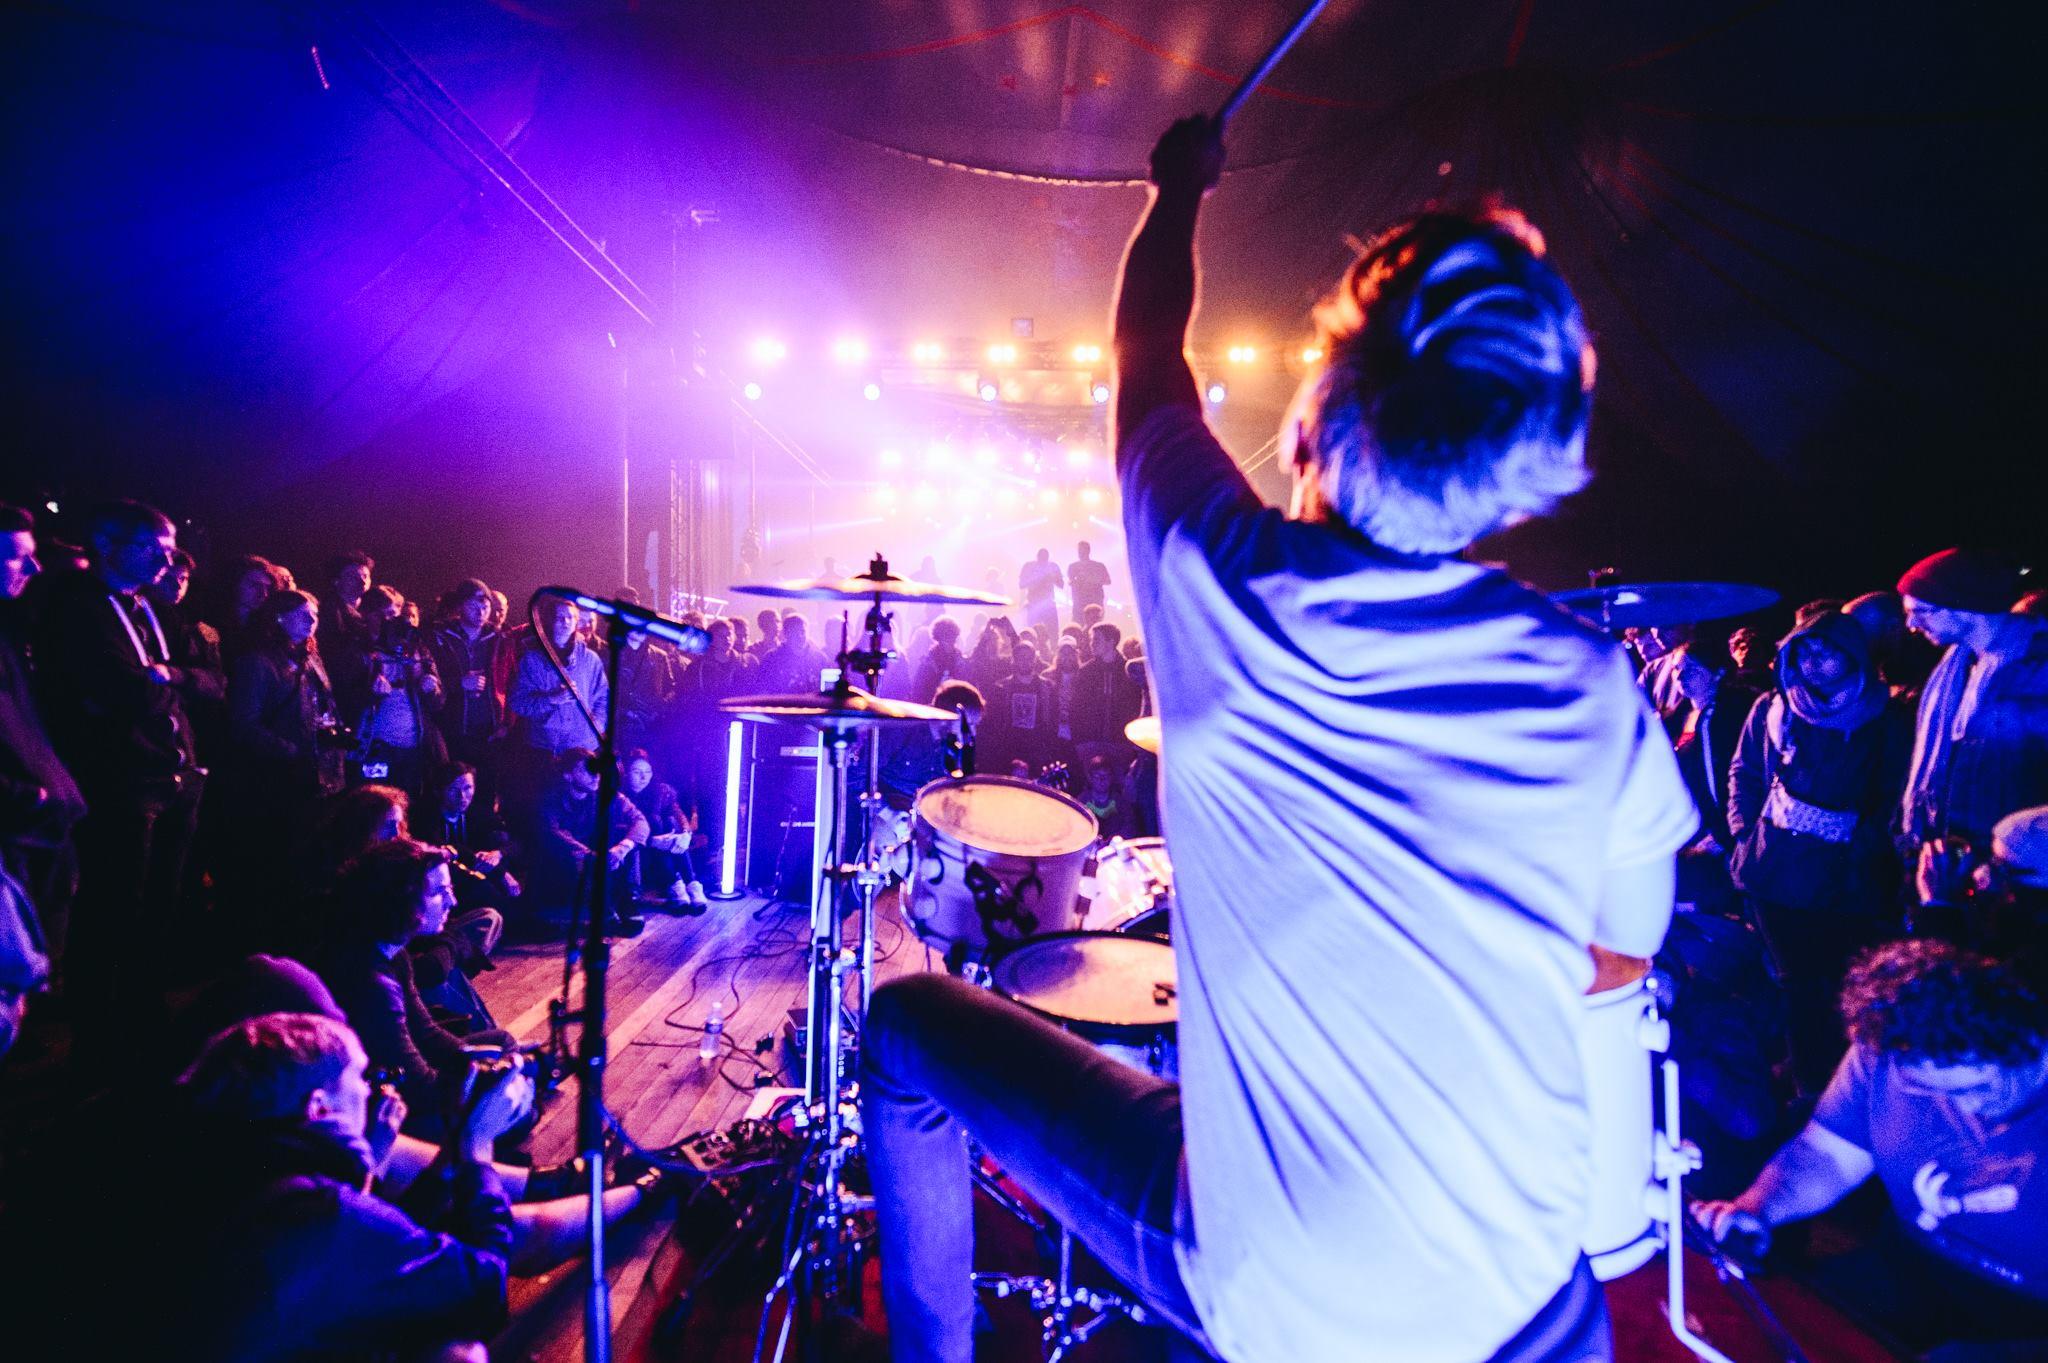 Picture by Davy De Pauw, Ilydaen at dunk!festival 2015.